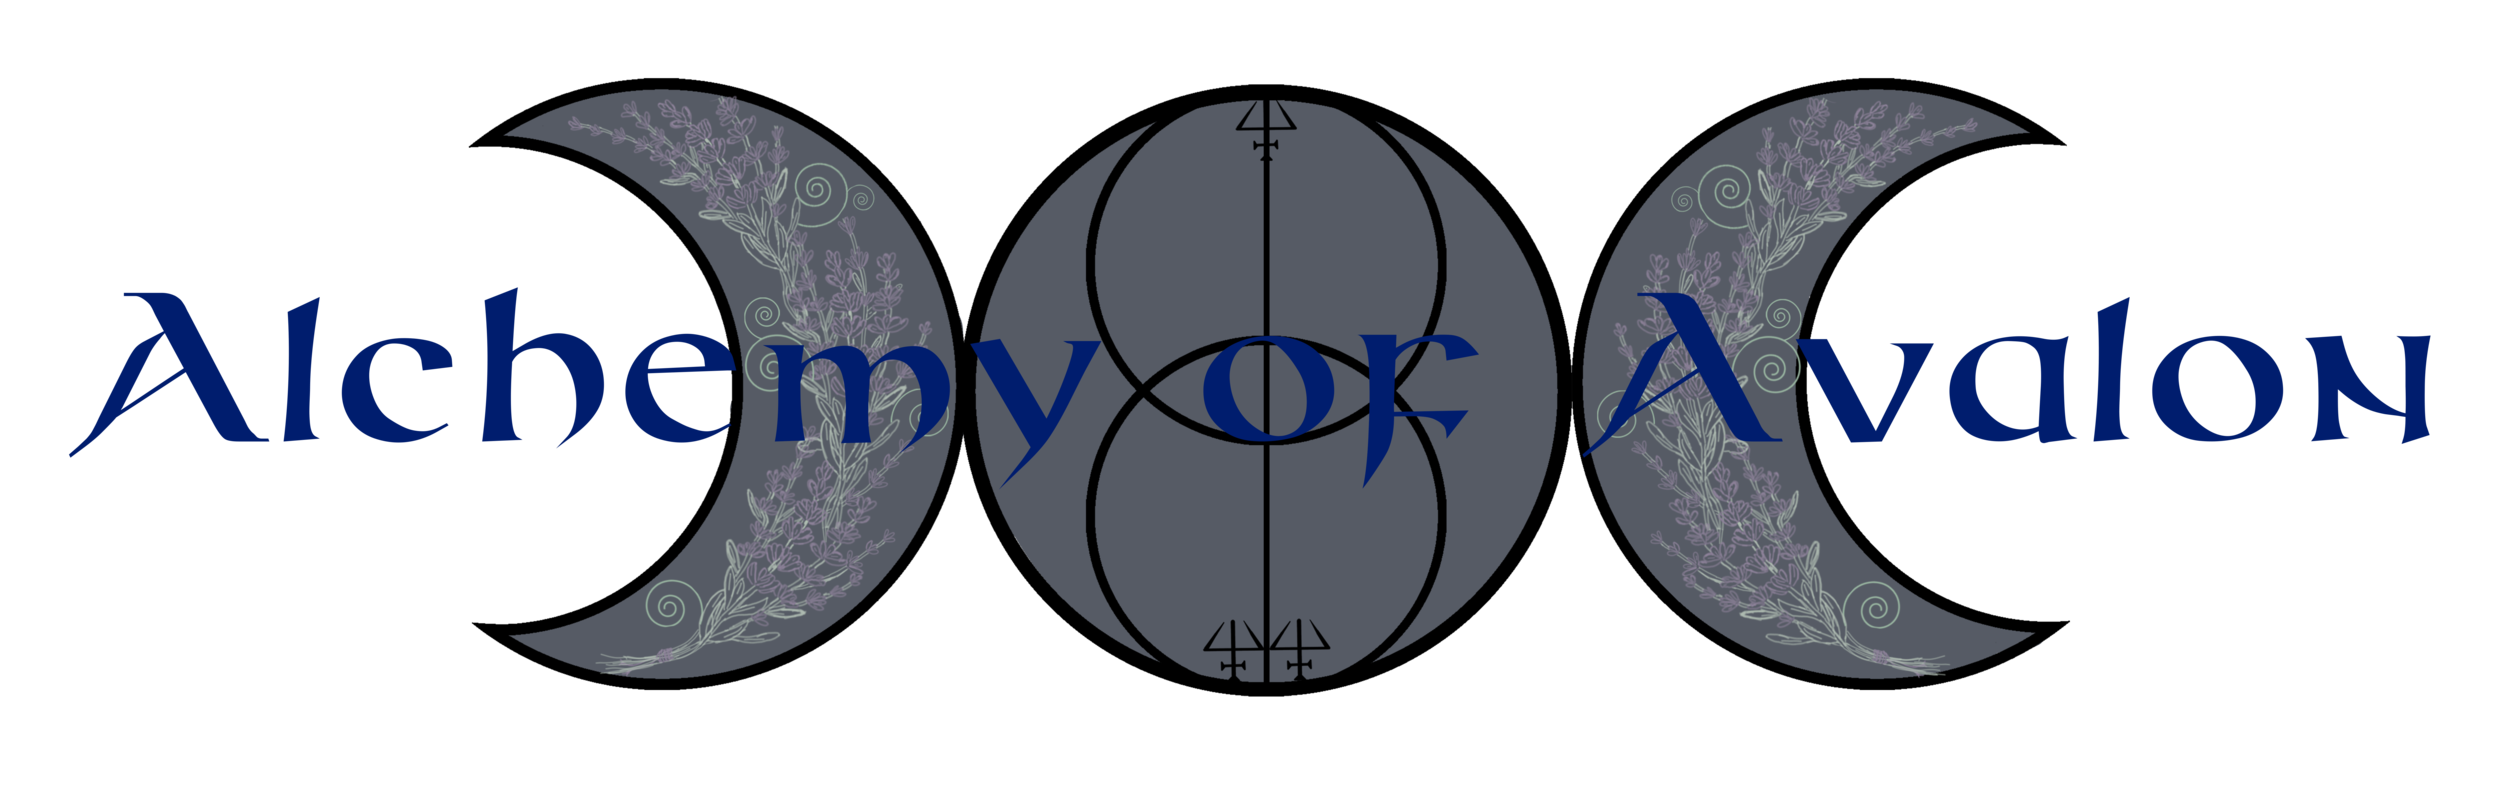 Alchemy of avalon website logo.png